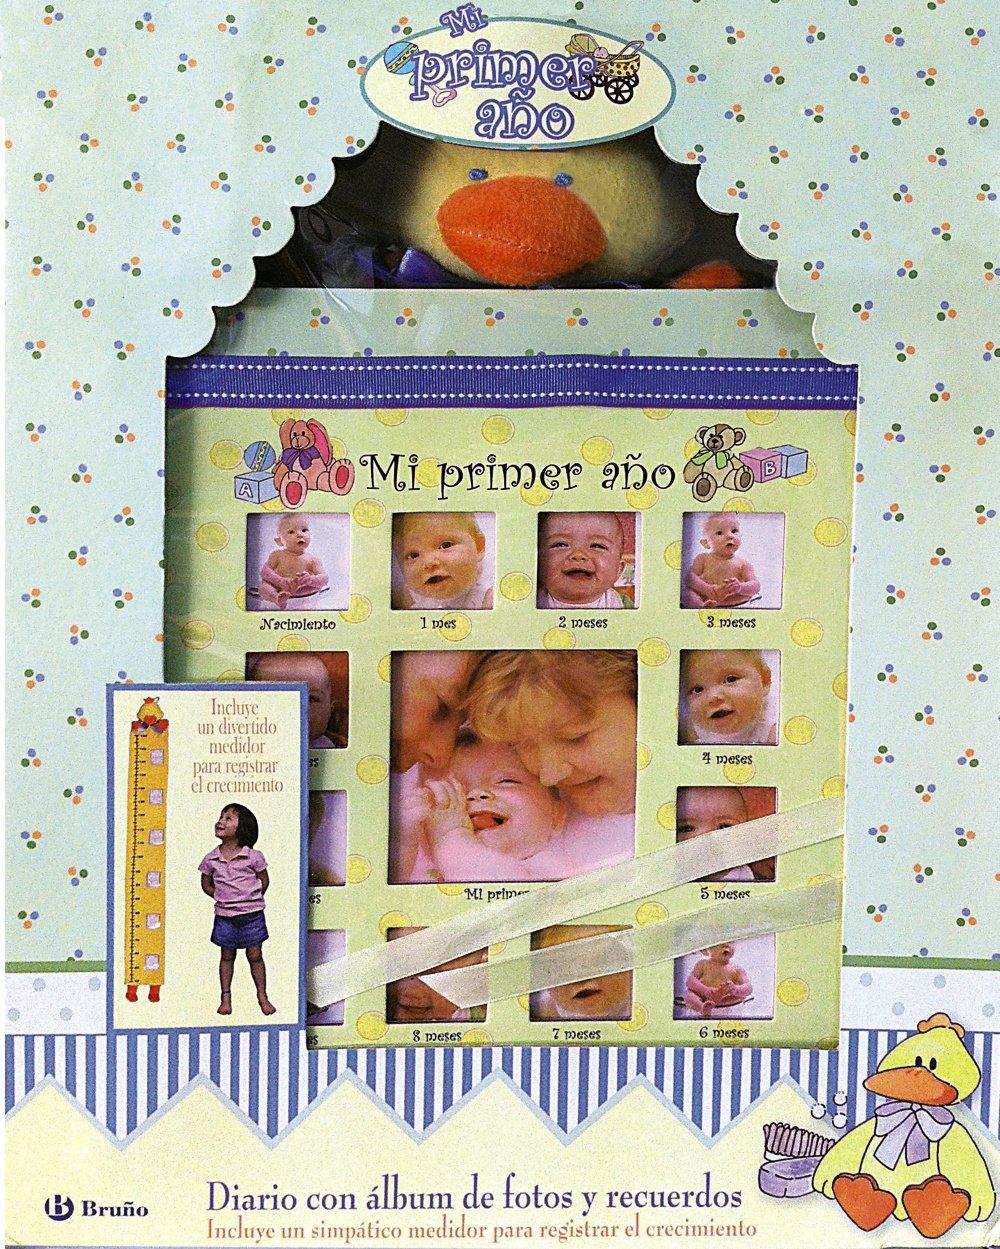 Mi primer año Castellano - A Partir De 0 Años - Álbumes Del Bebé: Amazon.es: Covert Christine, Samantha Caballero del Moral: Libros